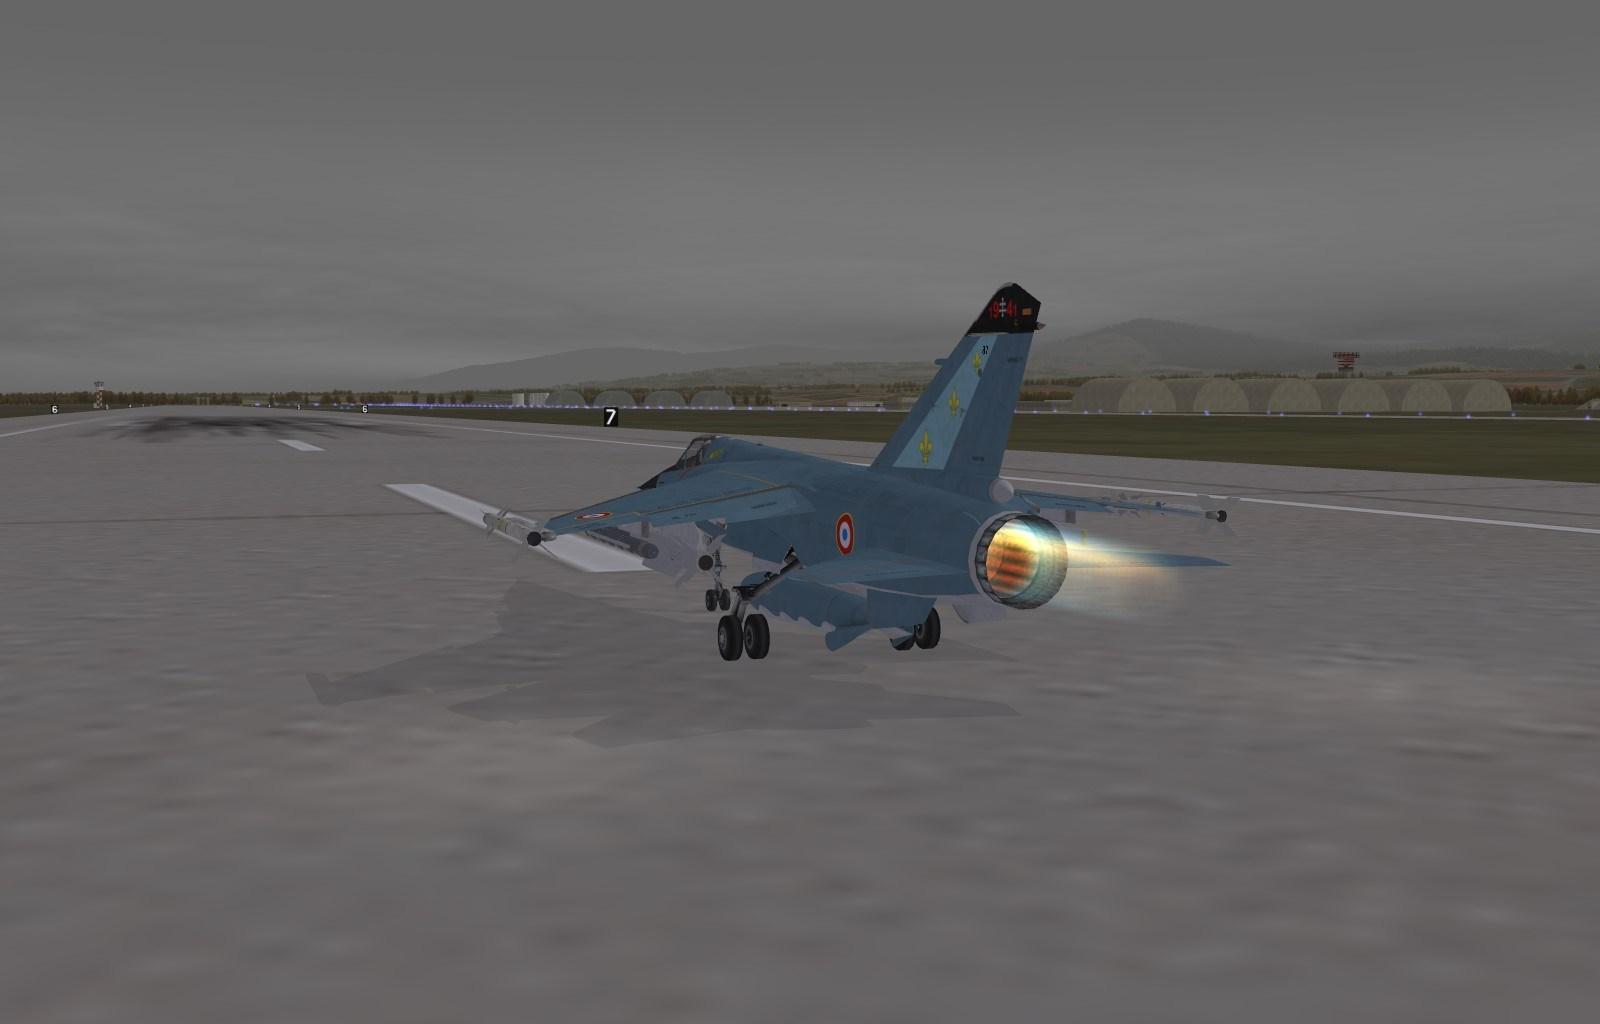 Mirage IIIE in 1968